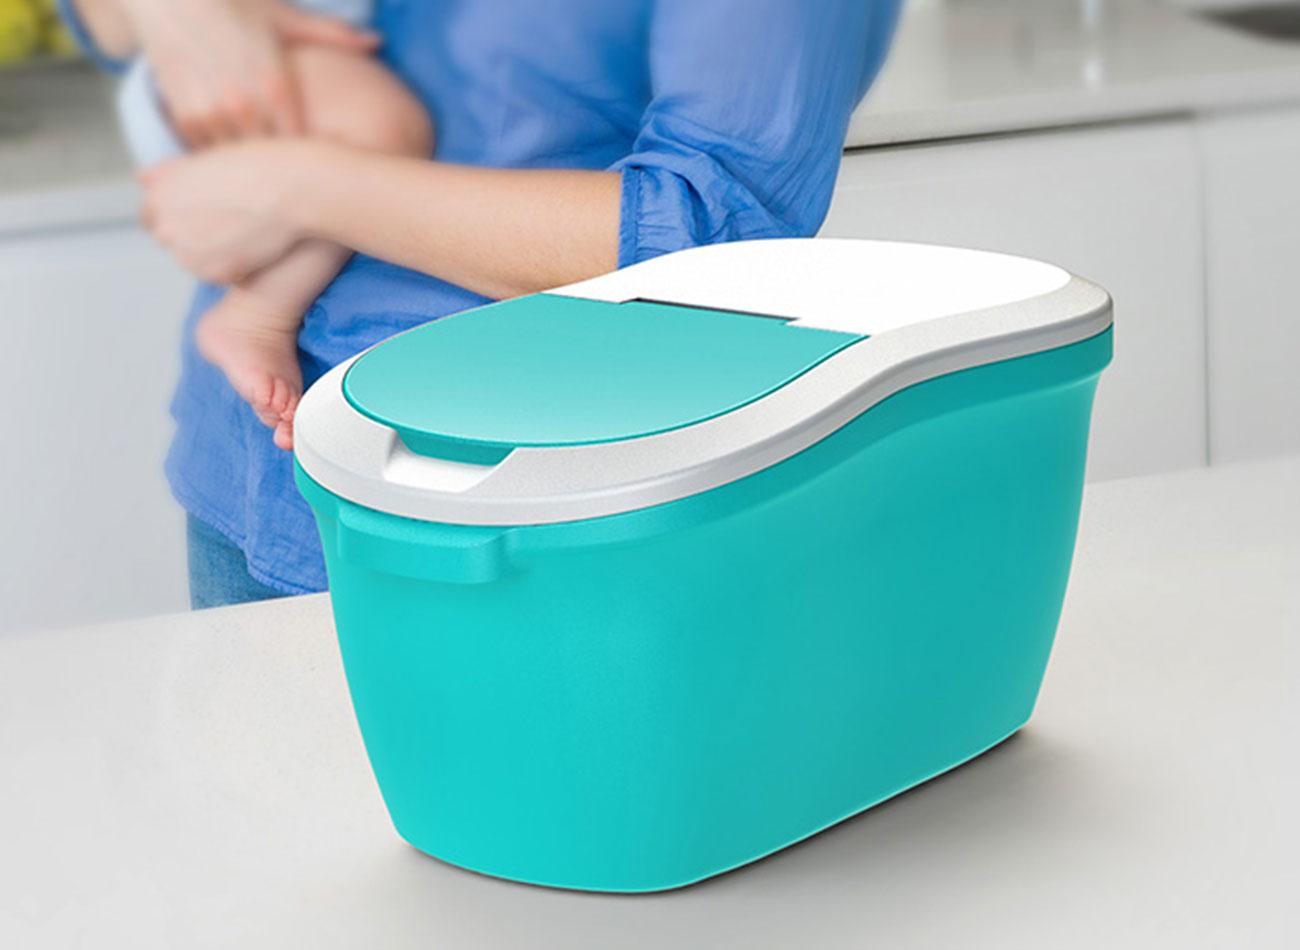 طراحی-لوازم-آشپزخانه-لوازم-خانگی